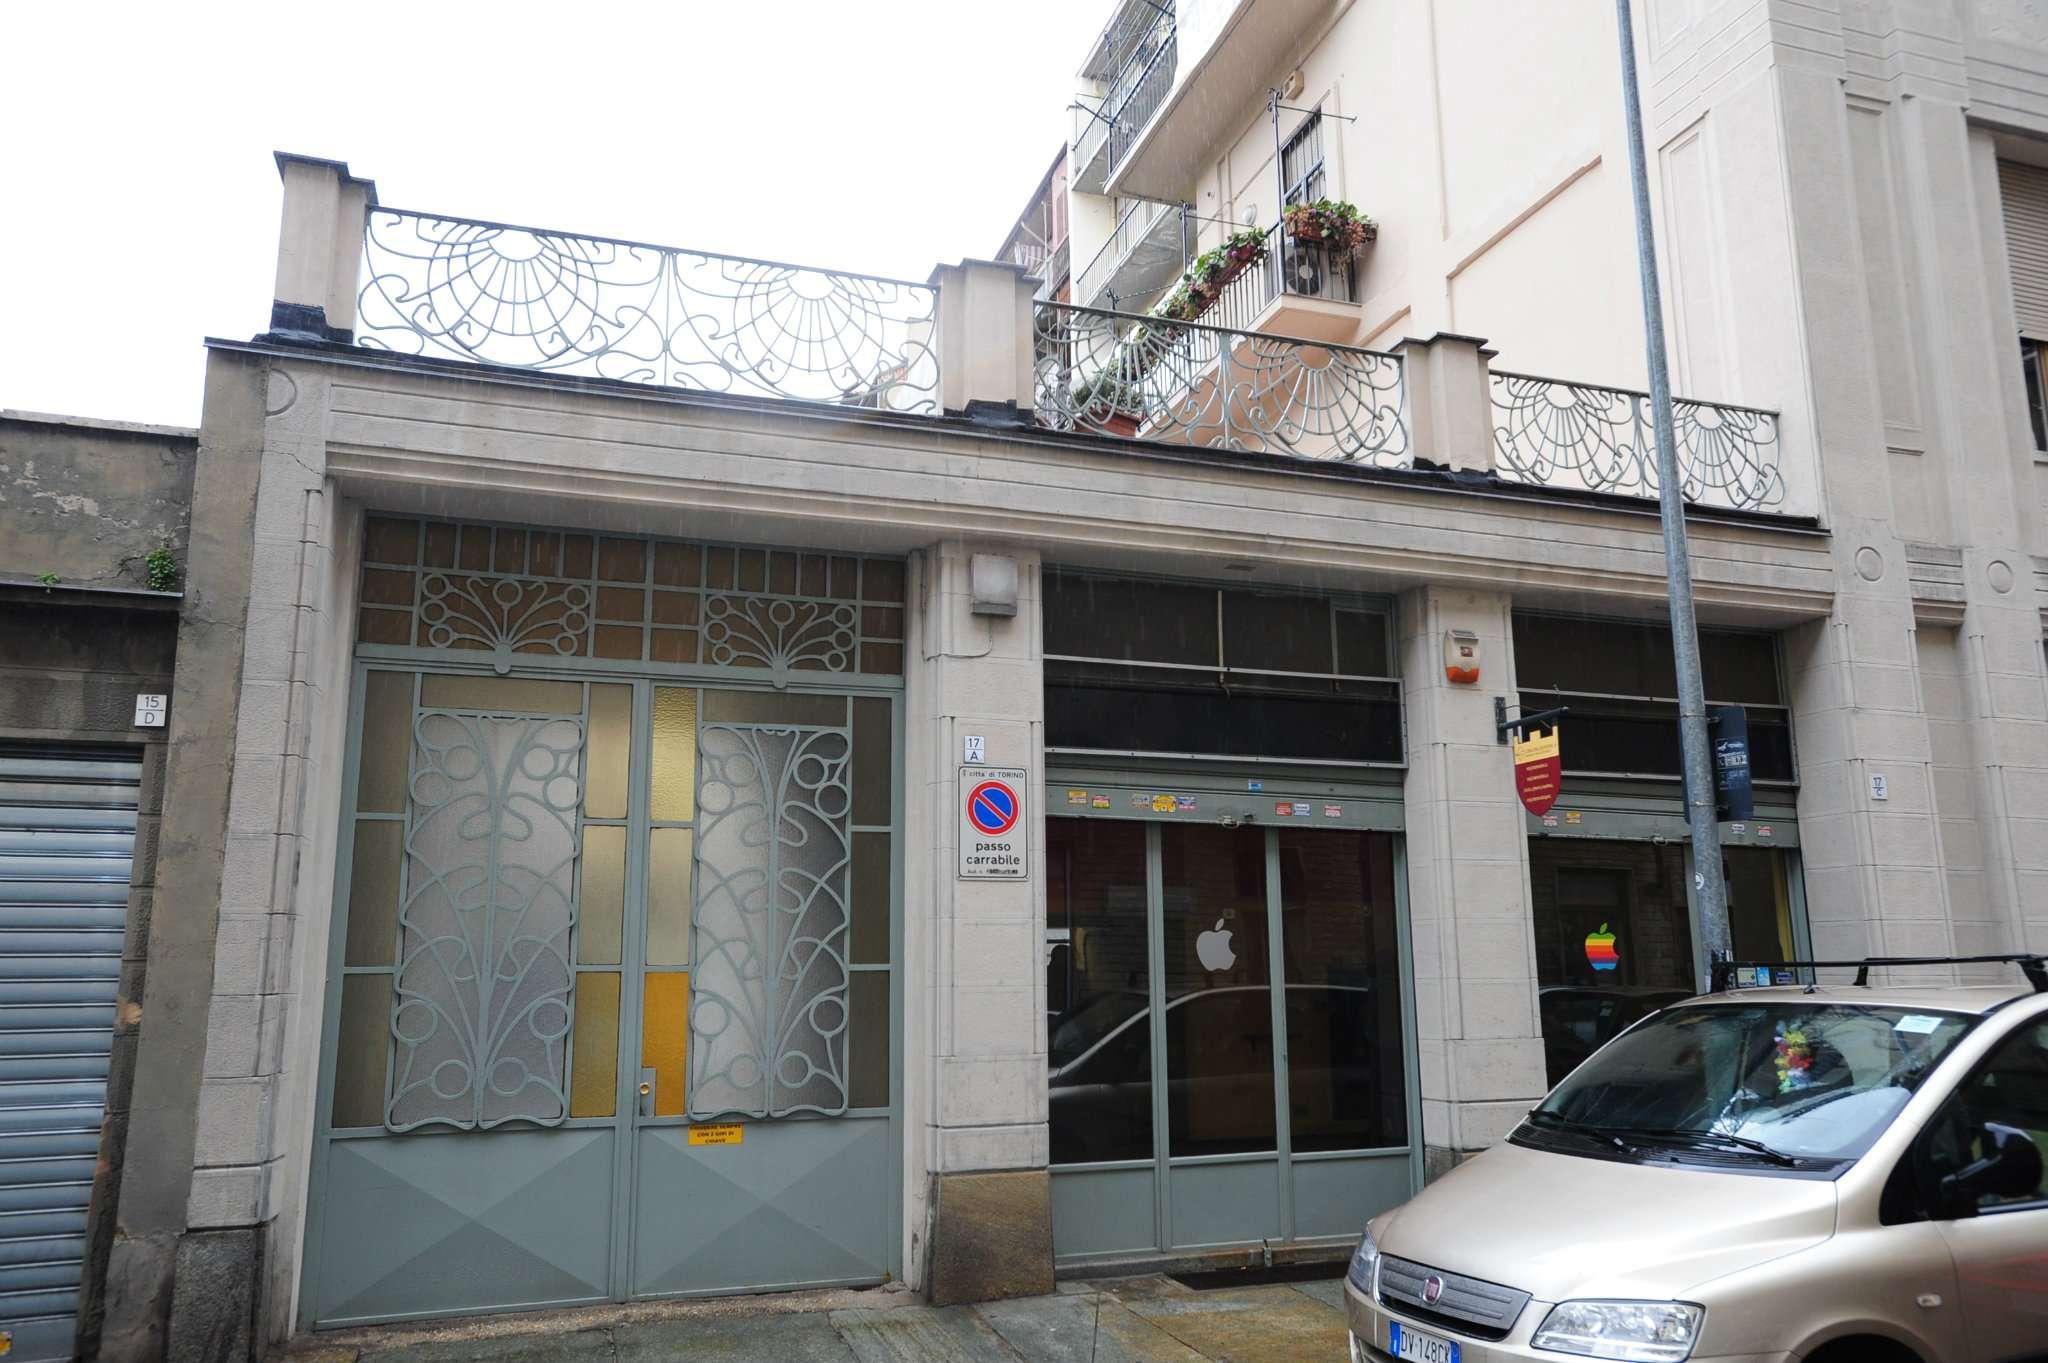 Immagine immobiliare vendita ampio negozio Via Tiziano 17 pressi via Nizza comodo alla metro , fermata Piazza Carducci,vendiamo muri negozi,composto ampio locale con due vetrine, retro ,servizio e cantina.Buon punto commerciale,adatto a diverse...